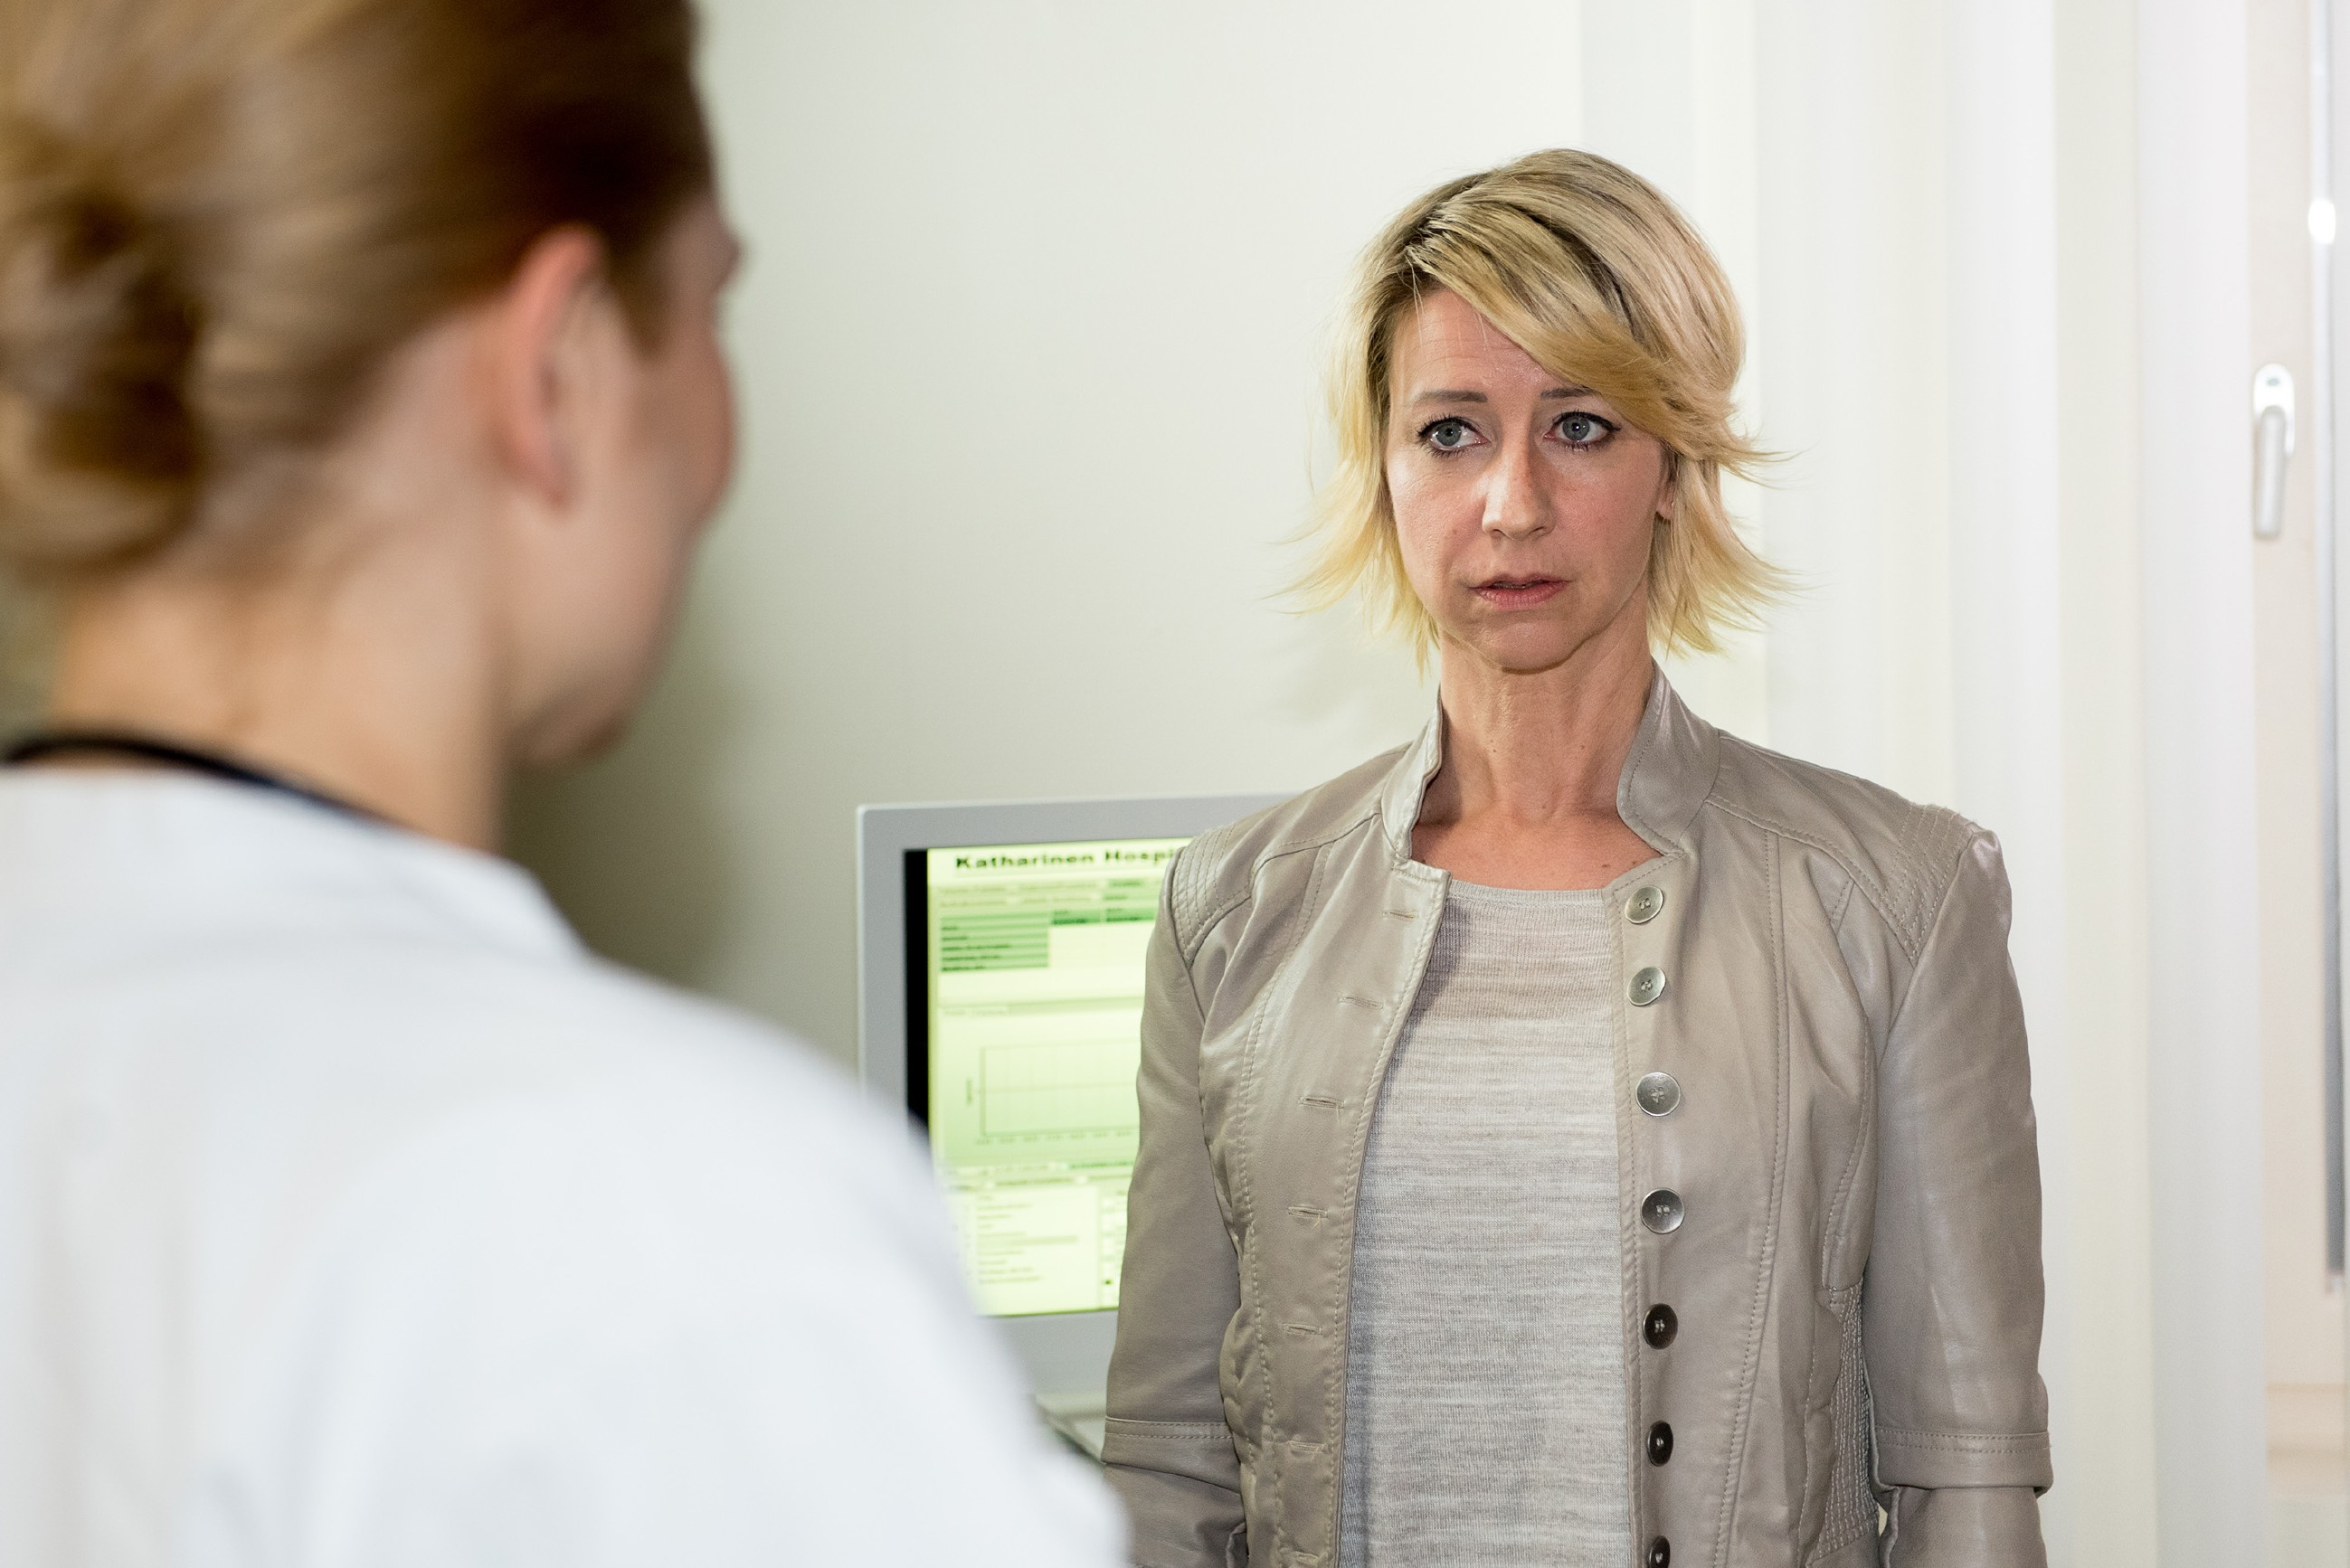 Ute (Isabell Hertel, r.) erfährt von ihrer Ärztin Dr. Herbst (Silke Natho), dass sie schwanger ist... (Quelle: RTL / Stefan Behrens)